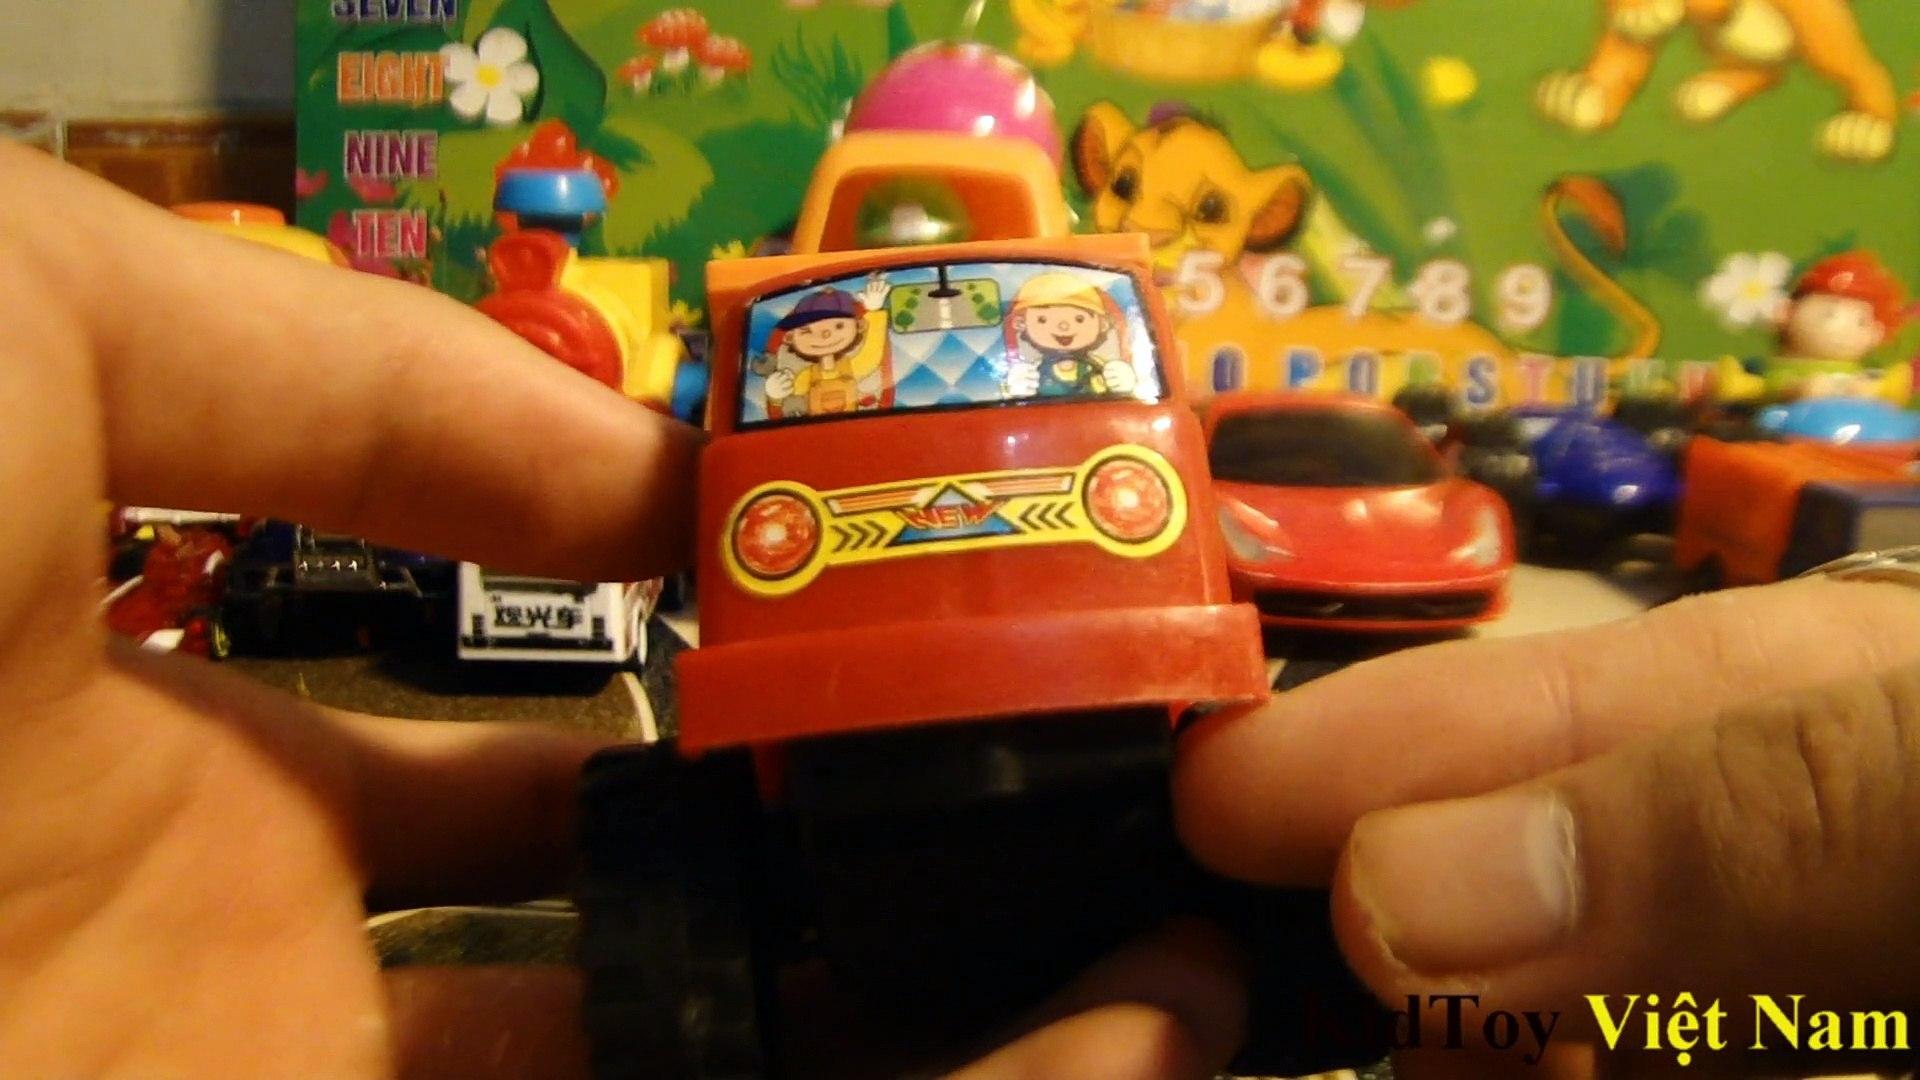 Khám phá các loại xe ô tô nhiều màu sắc: xe bus, xe đua, xe tải, xe cần cẩu, xe siêu nhân, xe robot